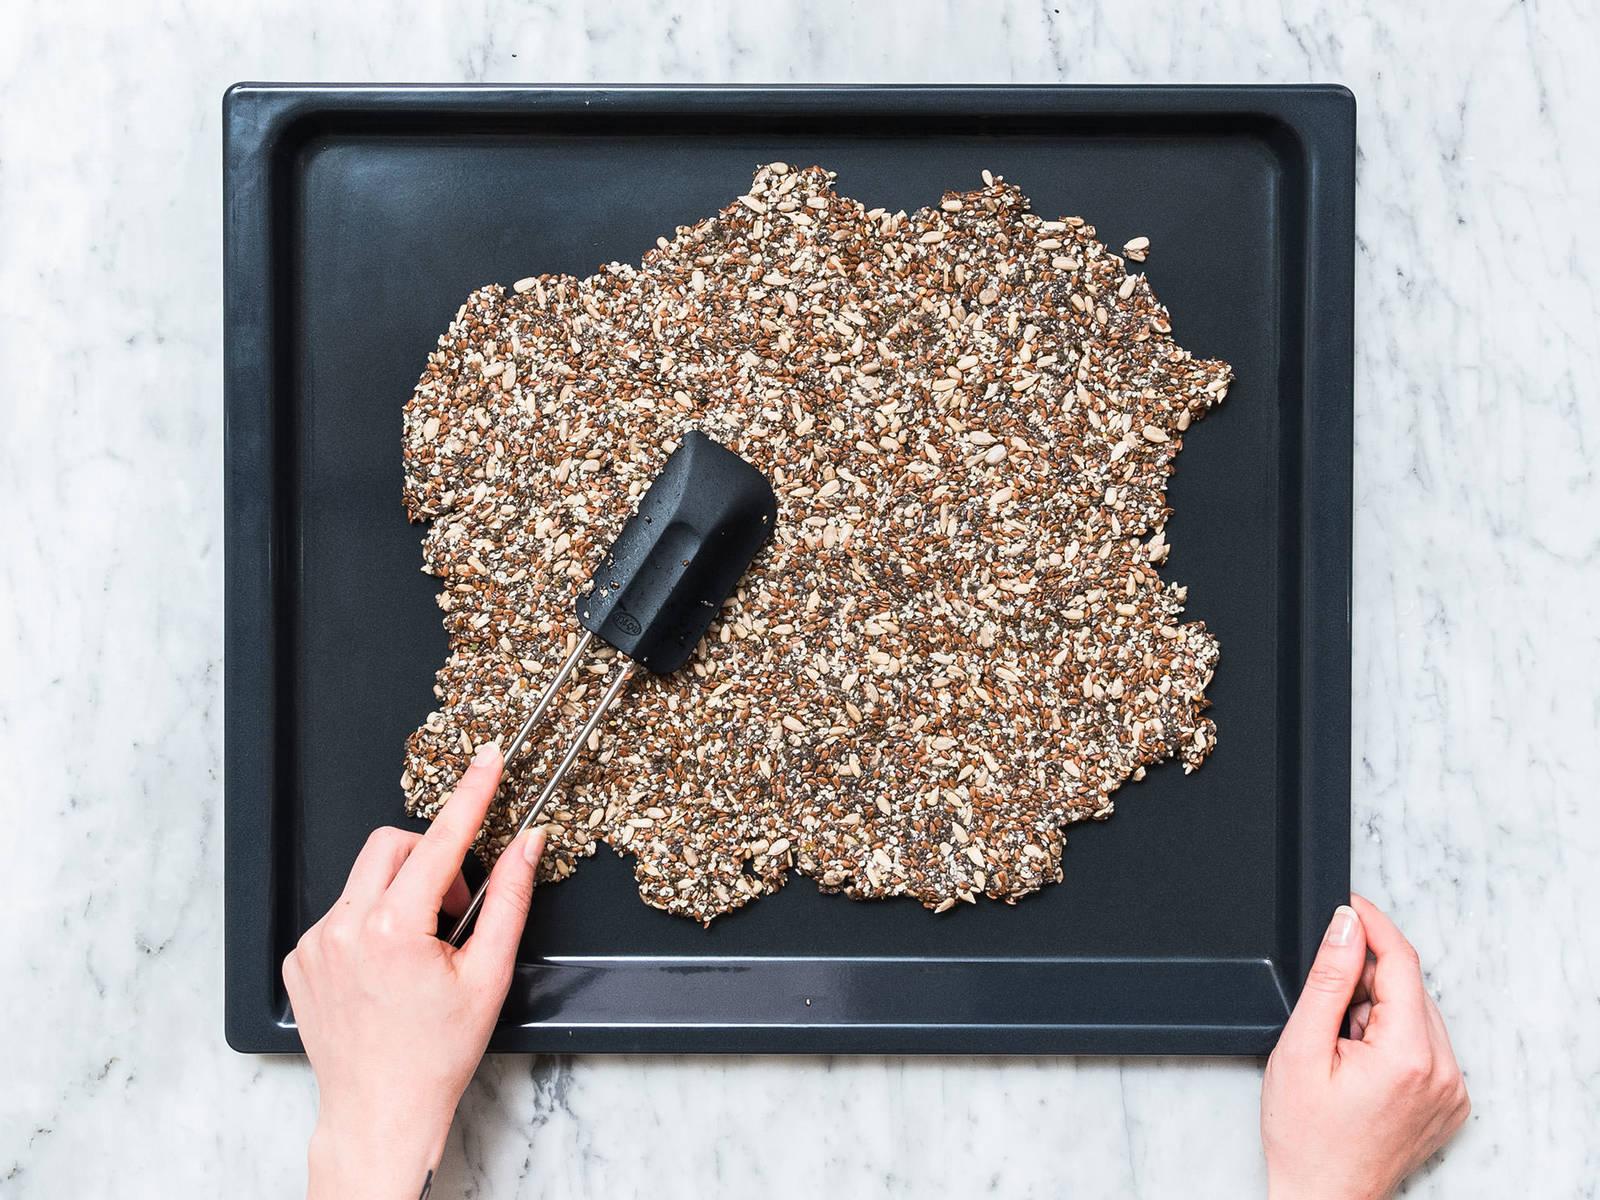 将混合物倒在铺好烘焙纸的烤盘上,用橡胶刮刀抹匀。放到烤箱中层,以150℃烤30分钟。